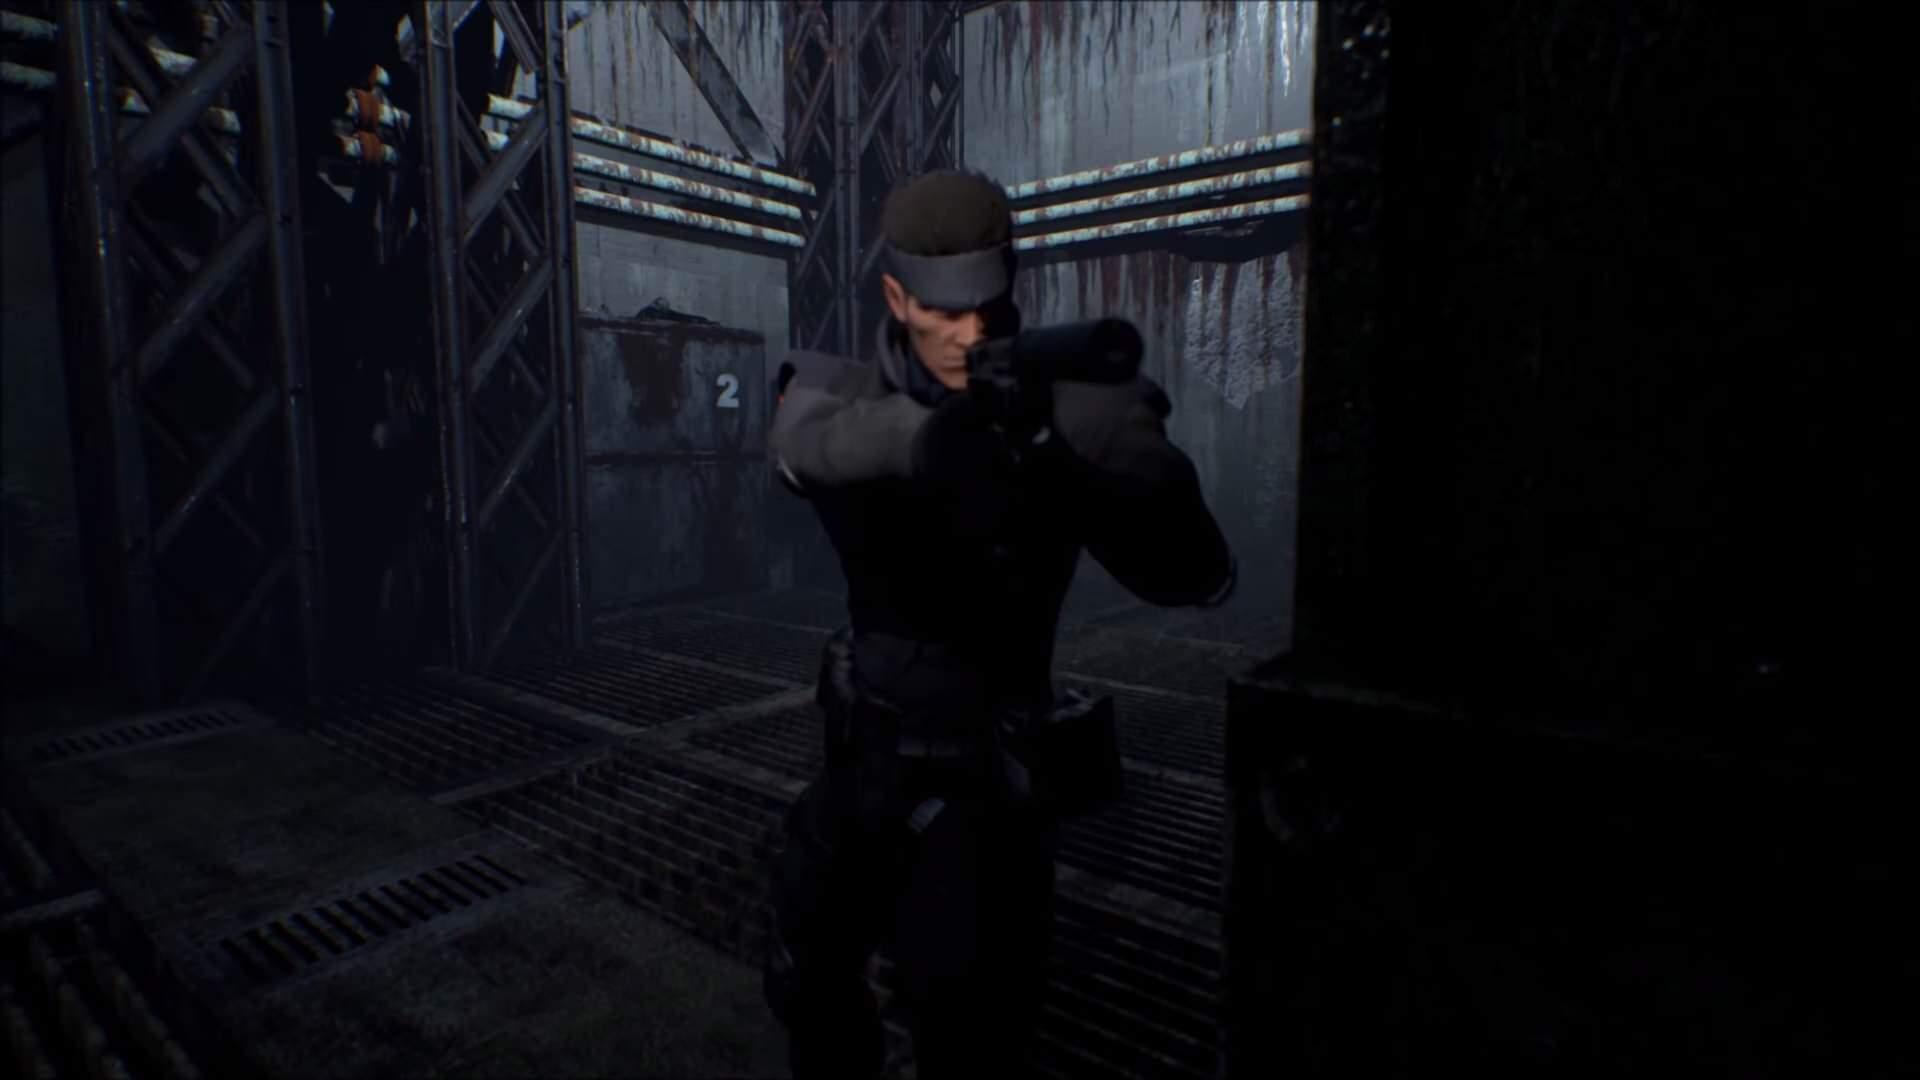 「Unreal Engine 4」でリメイクされたMGSの「シャドーモセス島」、トレーラー公開